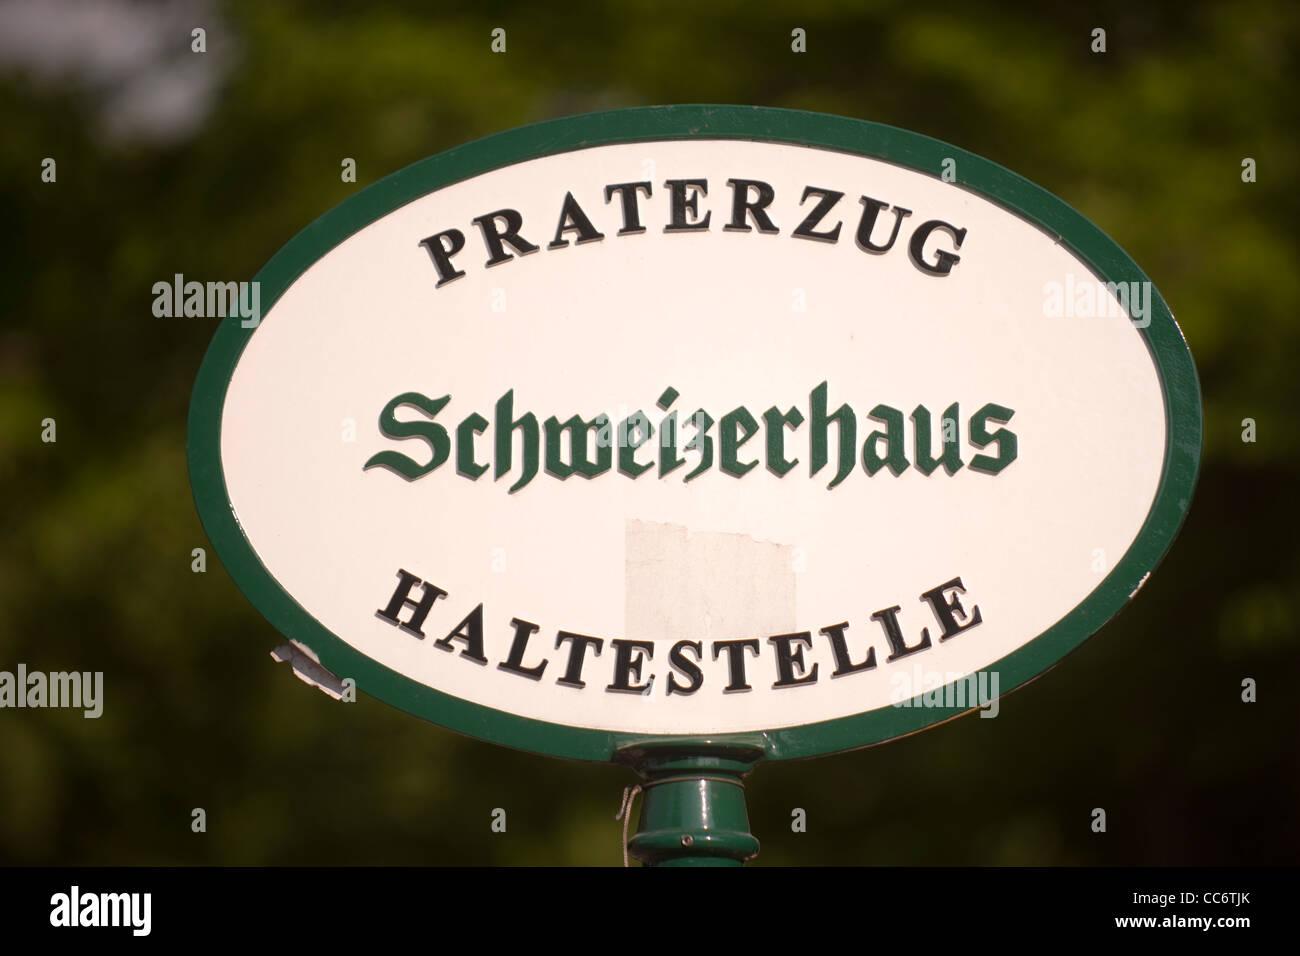 Österreich, Wien II, Prater, Vergnügungspark Wurstelprater, Schweizerhaus, Haltestelle des Praterzuges. - Stock Image